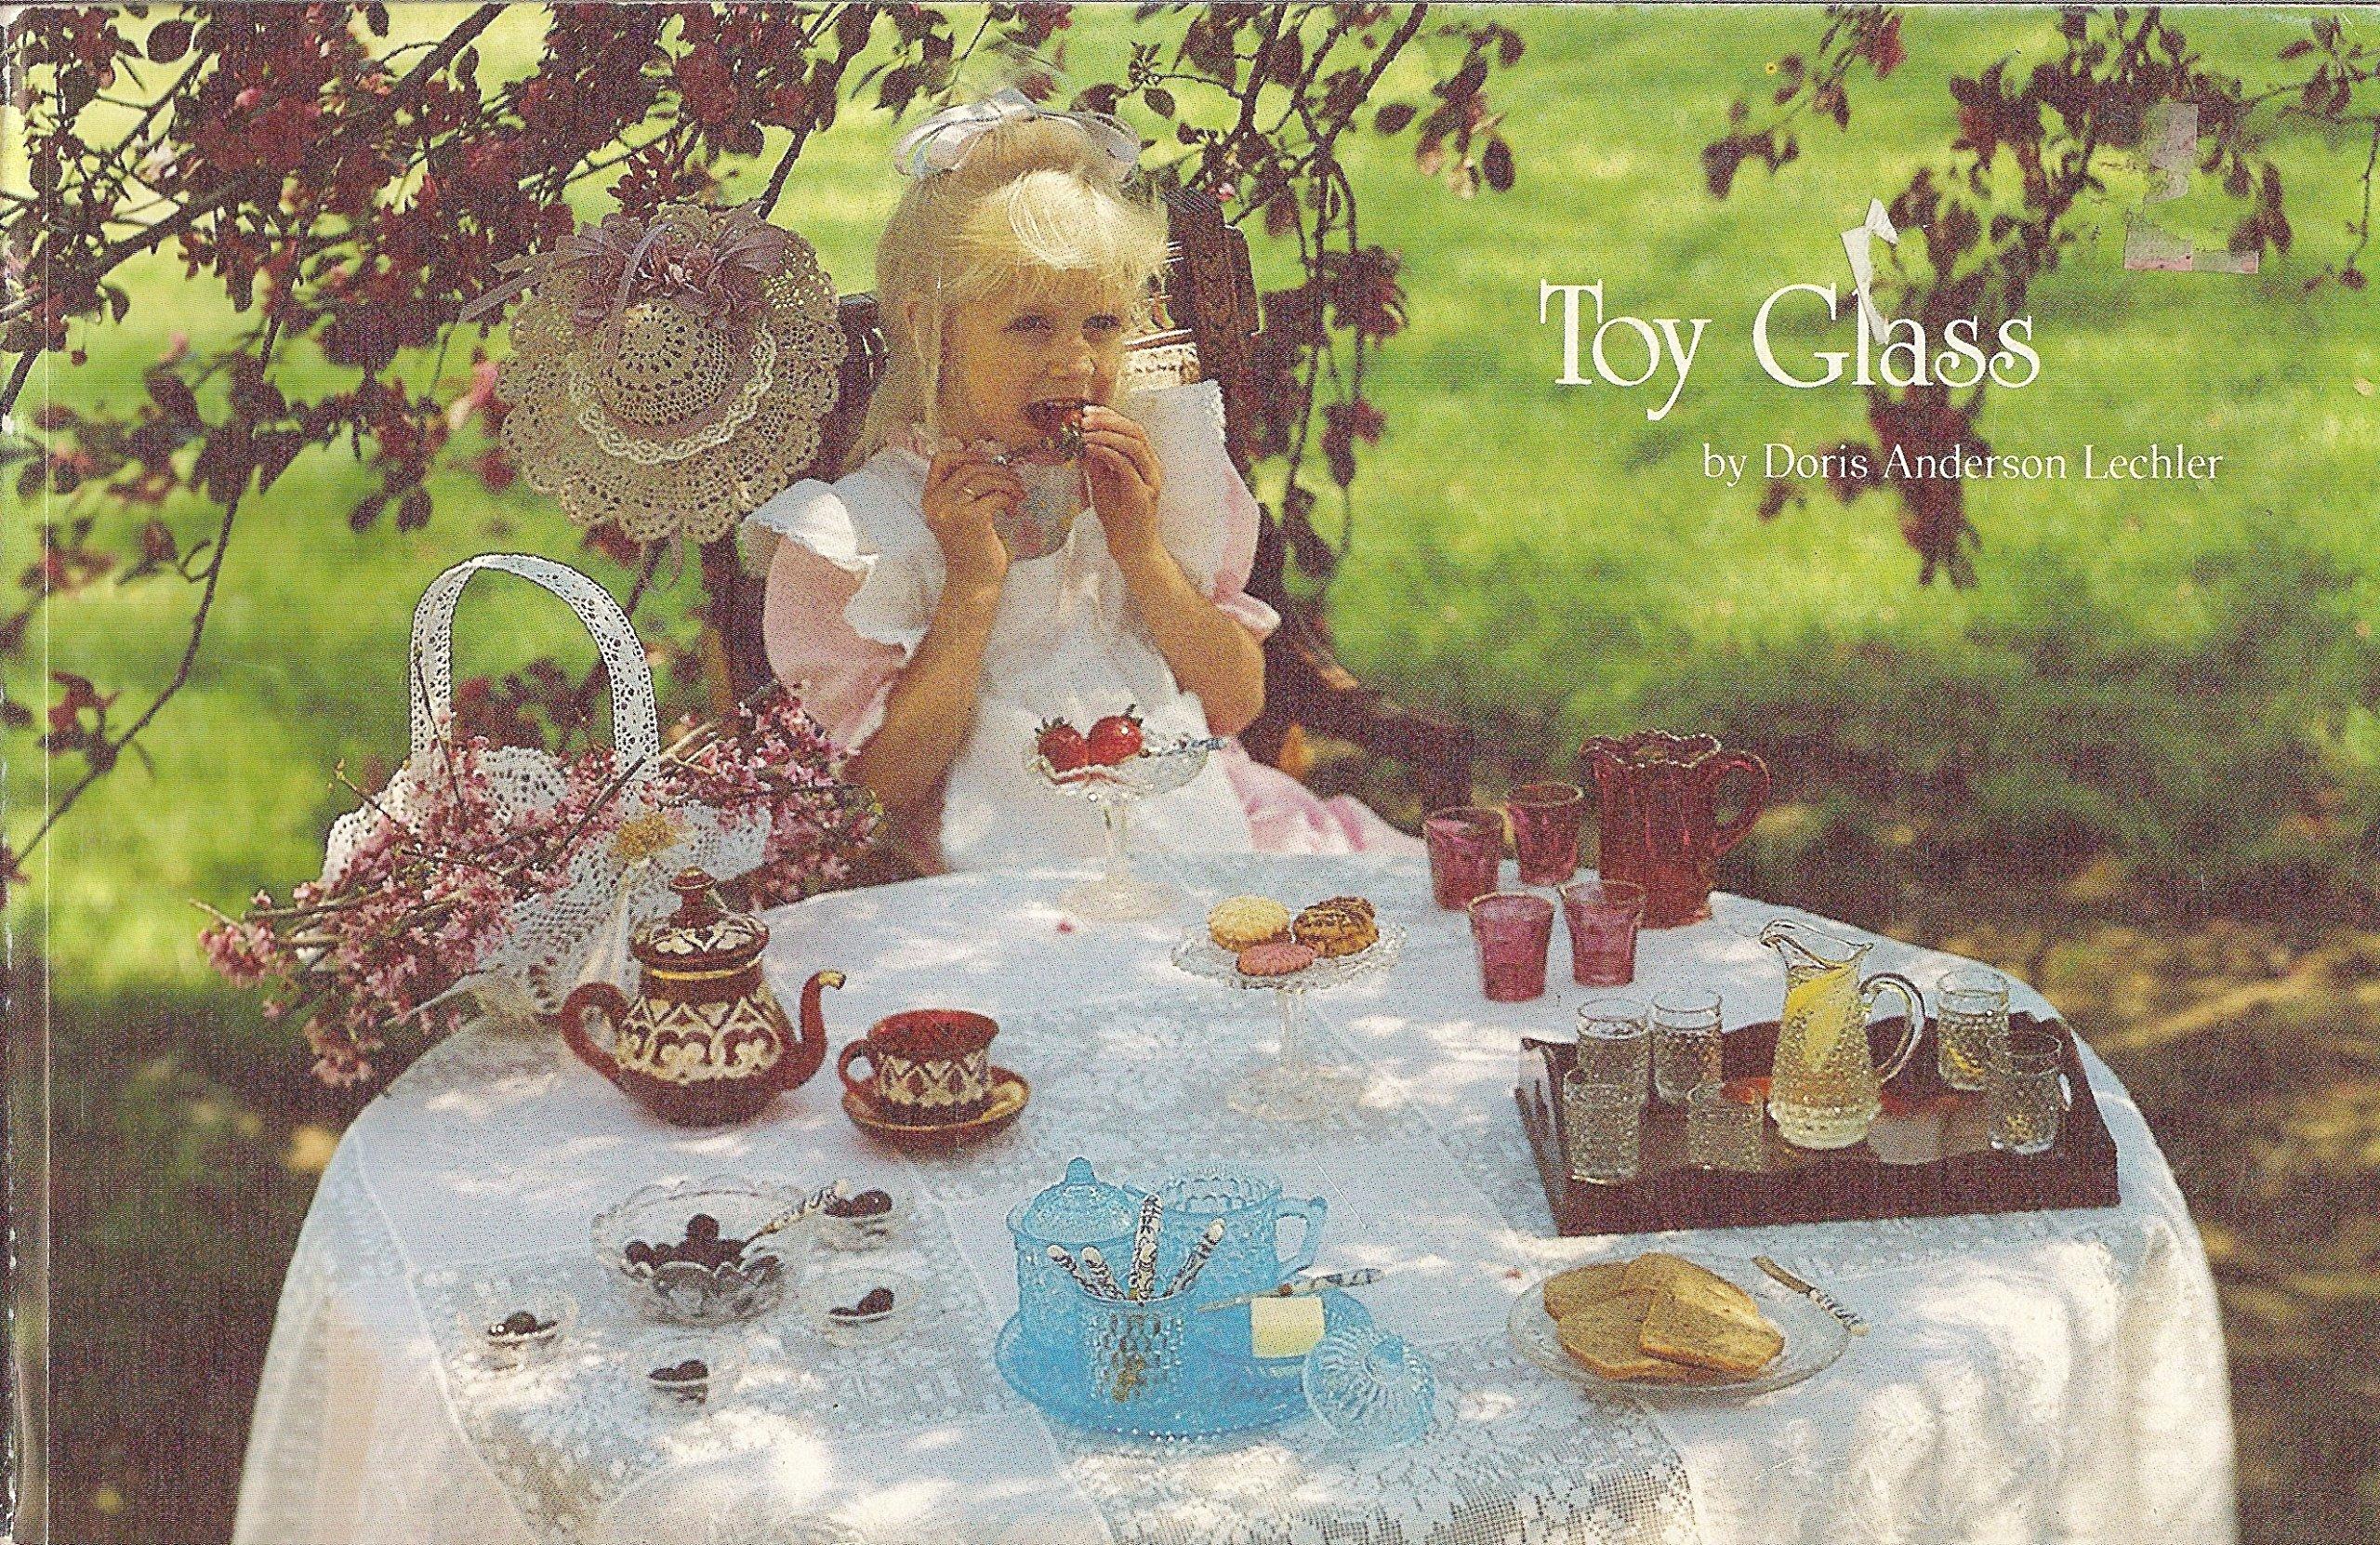 Toy Glass